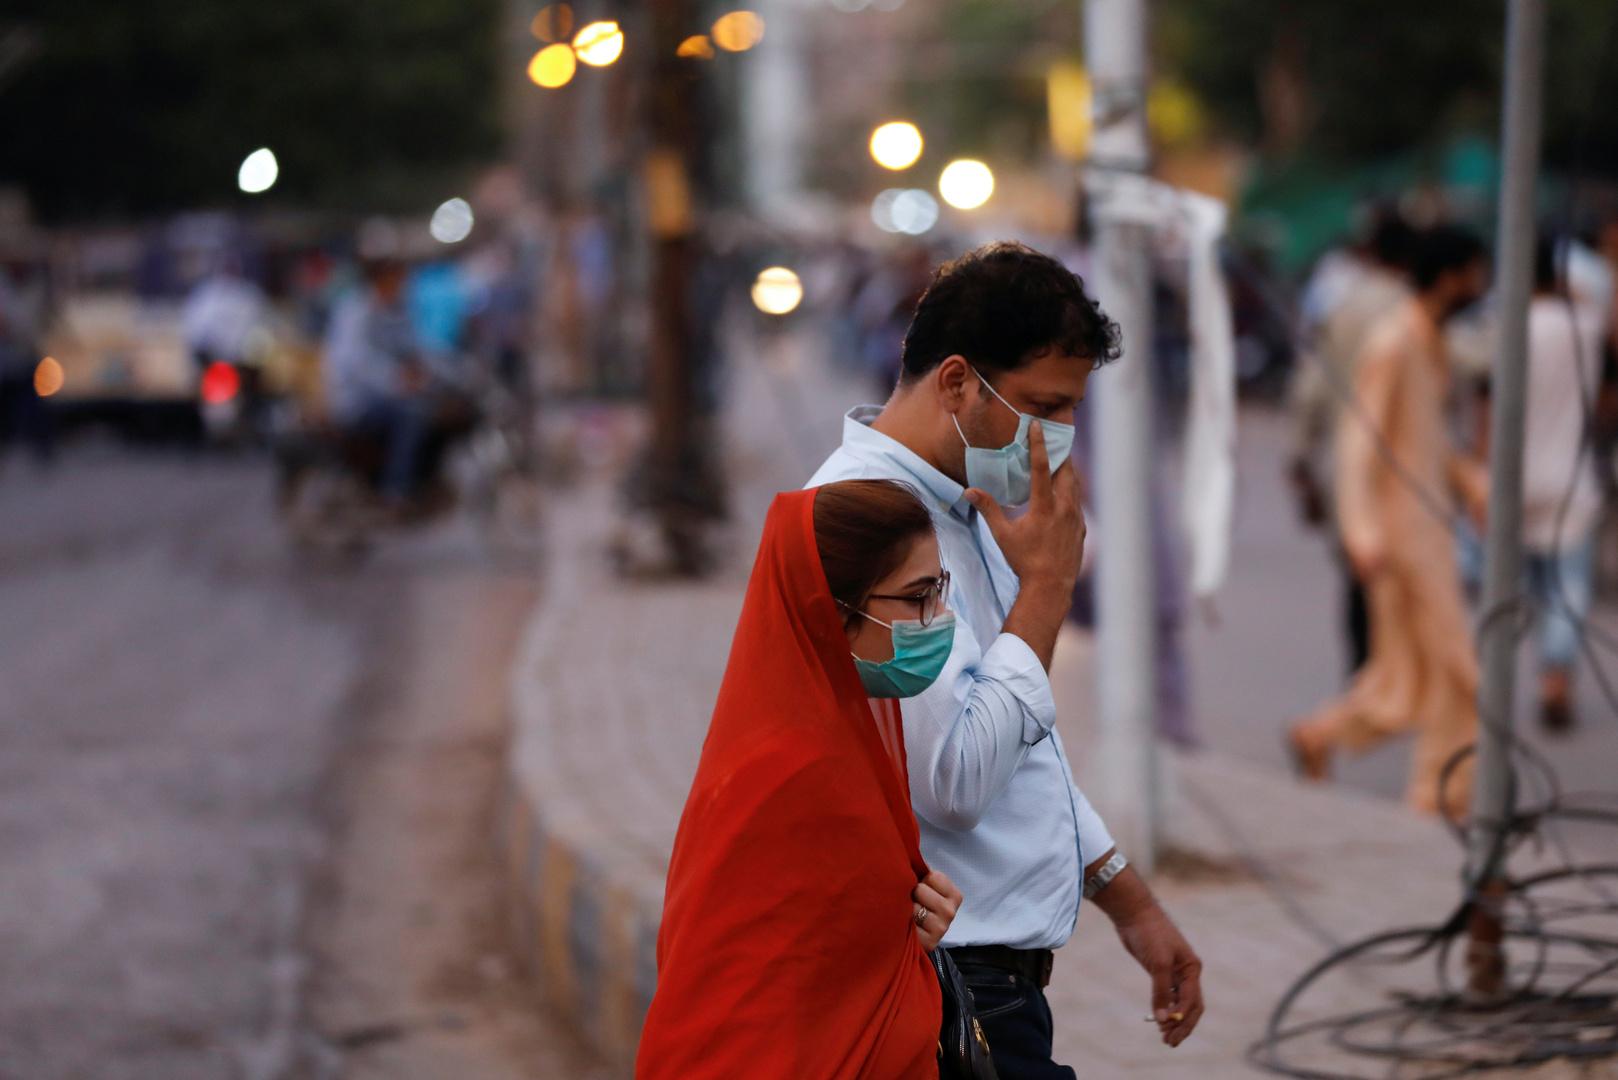 باكستان توافق على اختبارات سريرية للقاح صيني ضد كورونا